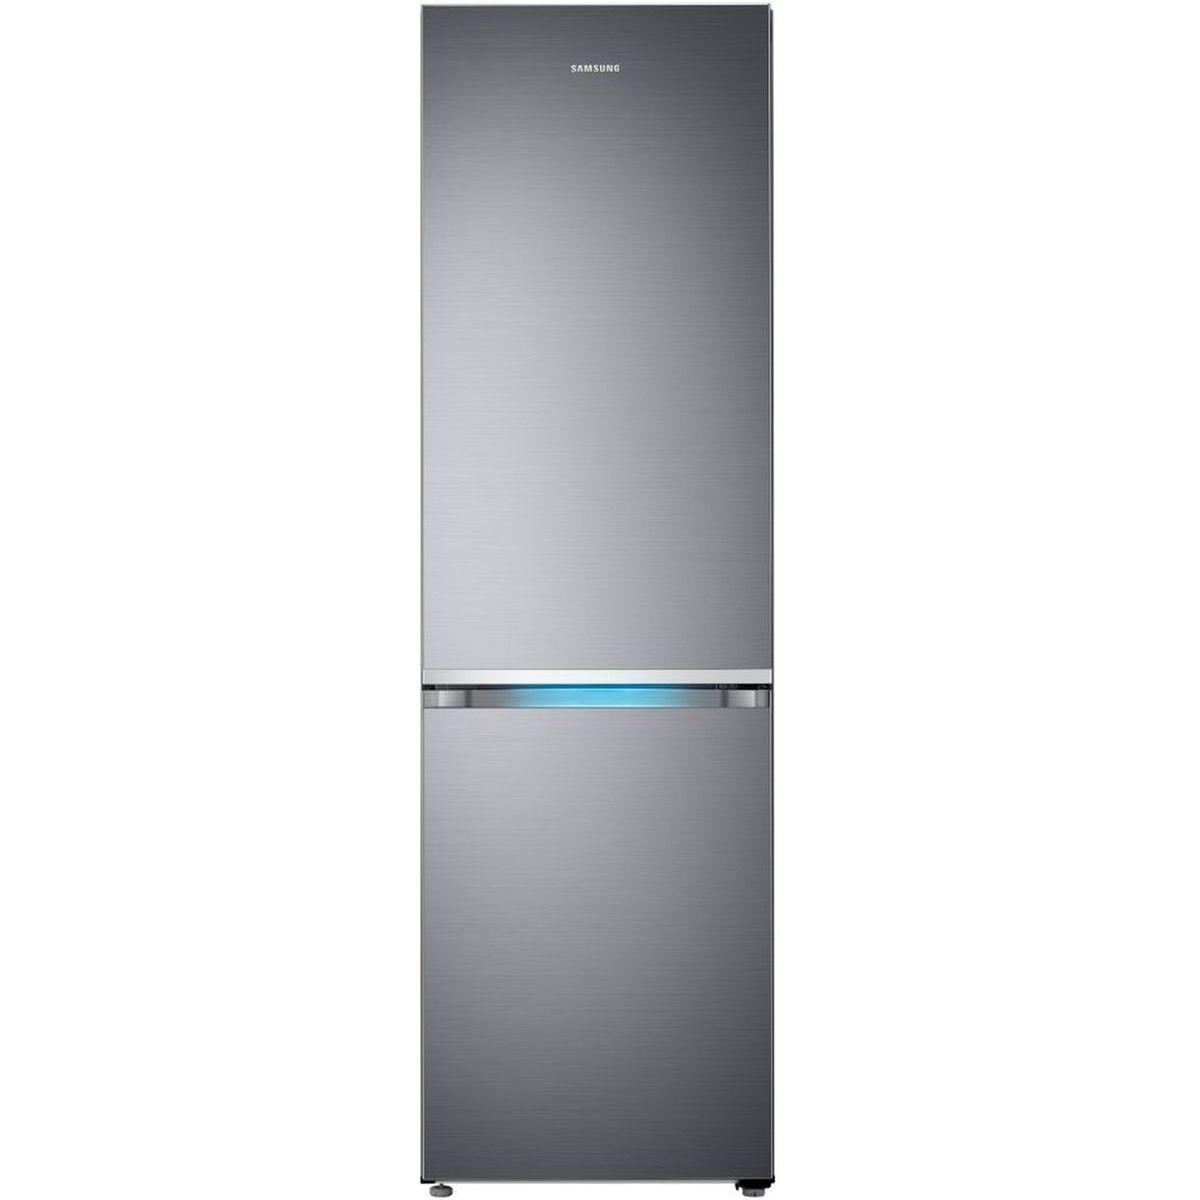 Réfrigérateur combiné RB41R7737S9, 406 L, Froid ventilé